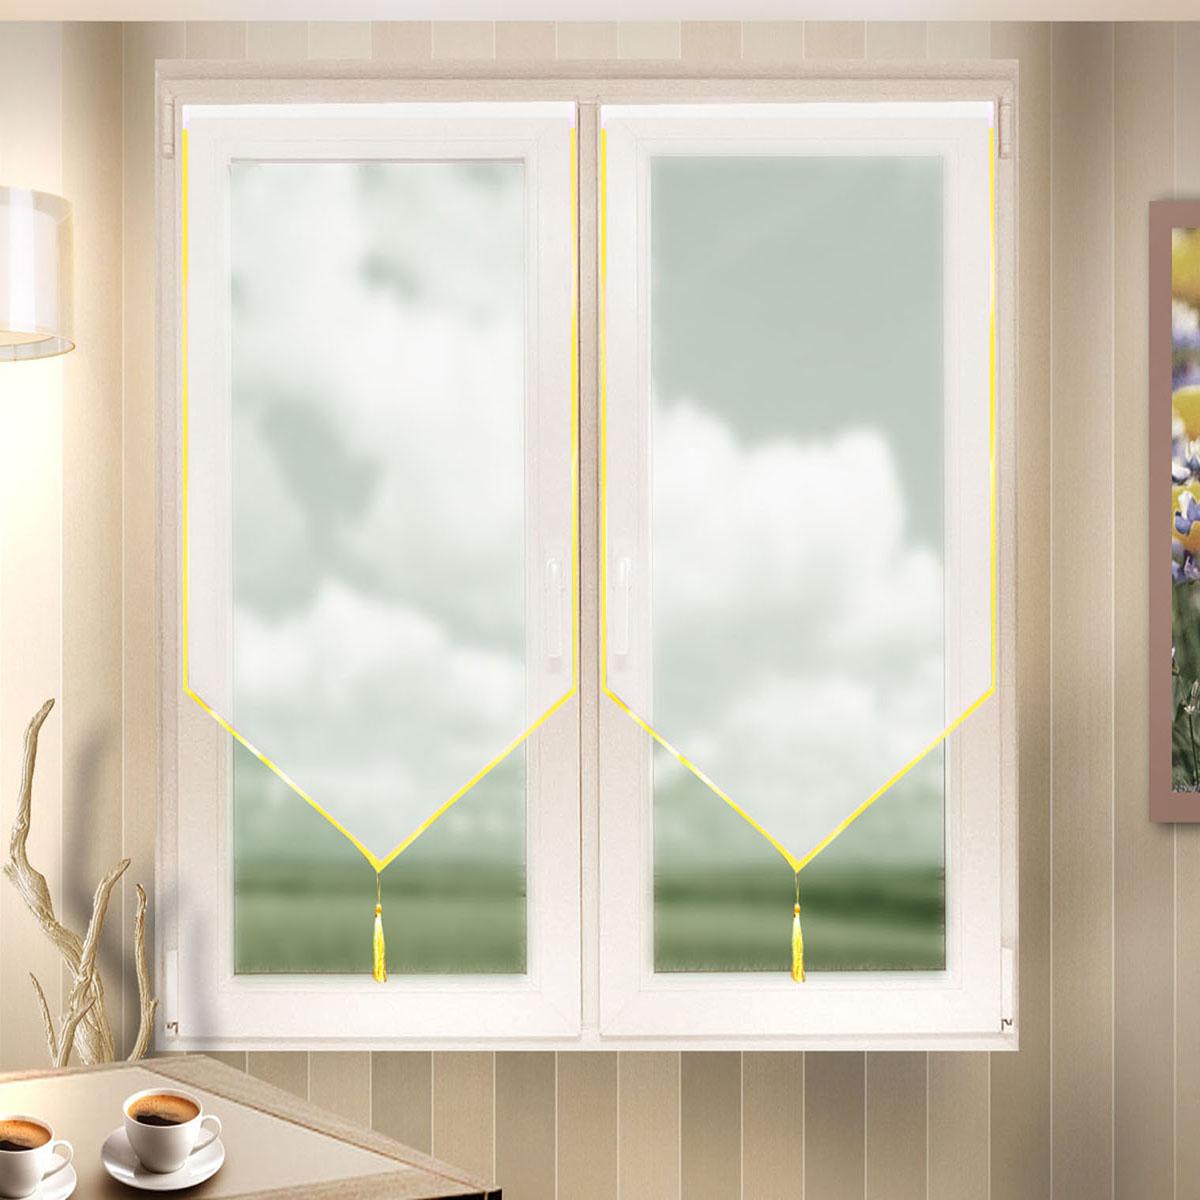 Гардина Zlata Korunka, цвет: белый, ширина 60 см, высота 140 см. 666022Р2191080/2W1687Лучшая альтернатива рулонным шторам на кухне – шторы на липкой ленте. Особенность этих штор заключается в том, что они имеют липкую основу в месте крепления . Лента или основа надежно и быстро крепится на раму окна, а на нее фиксируется сама штора.Размеры: ширина 60* высота 140